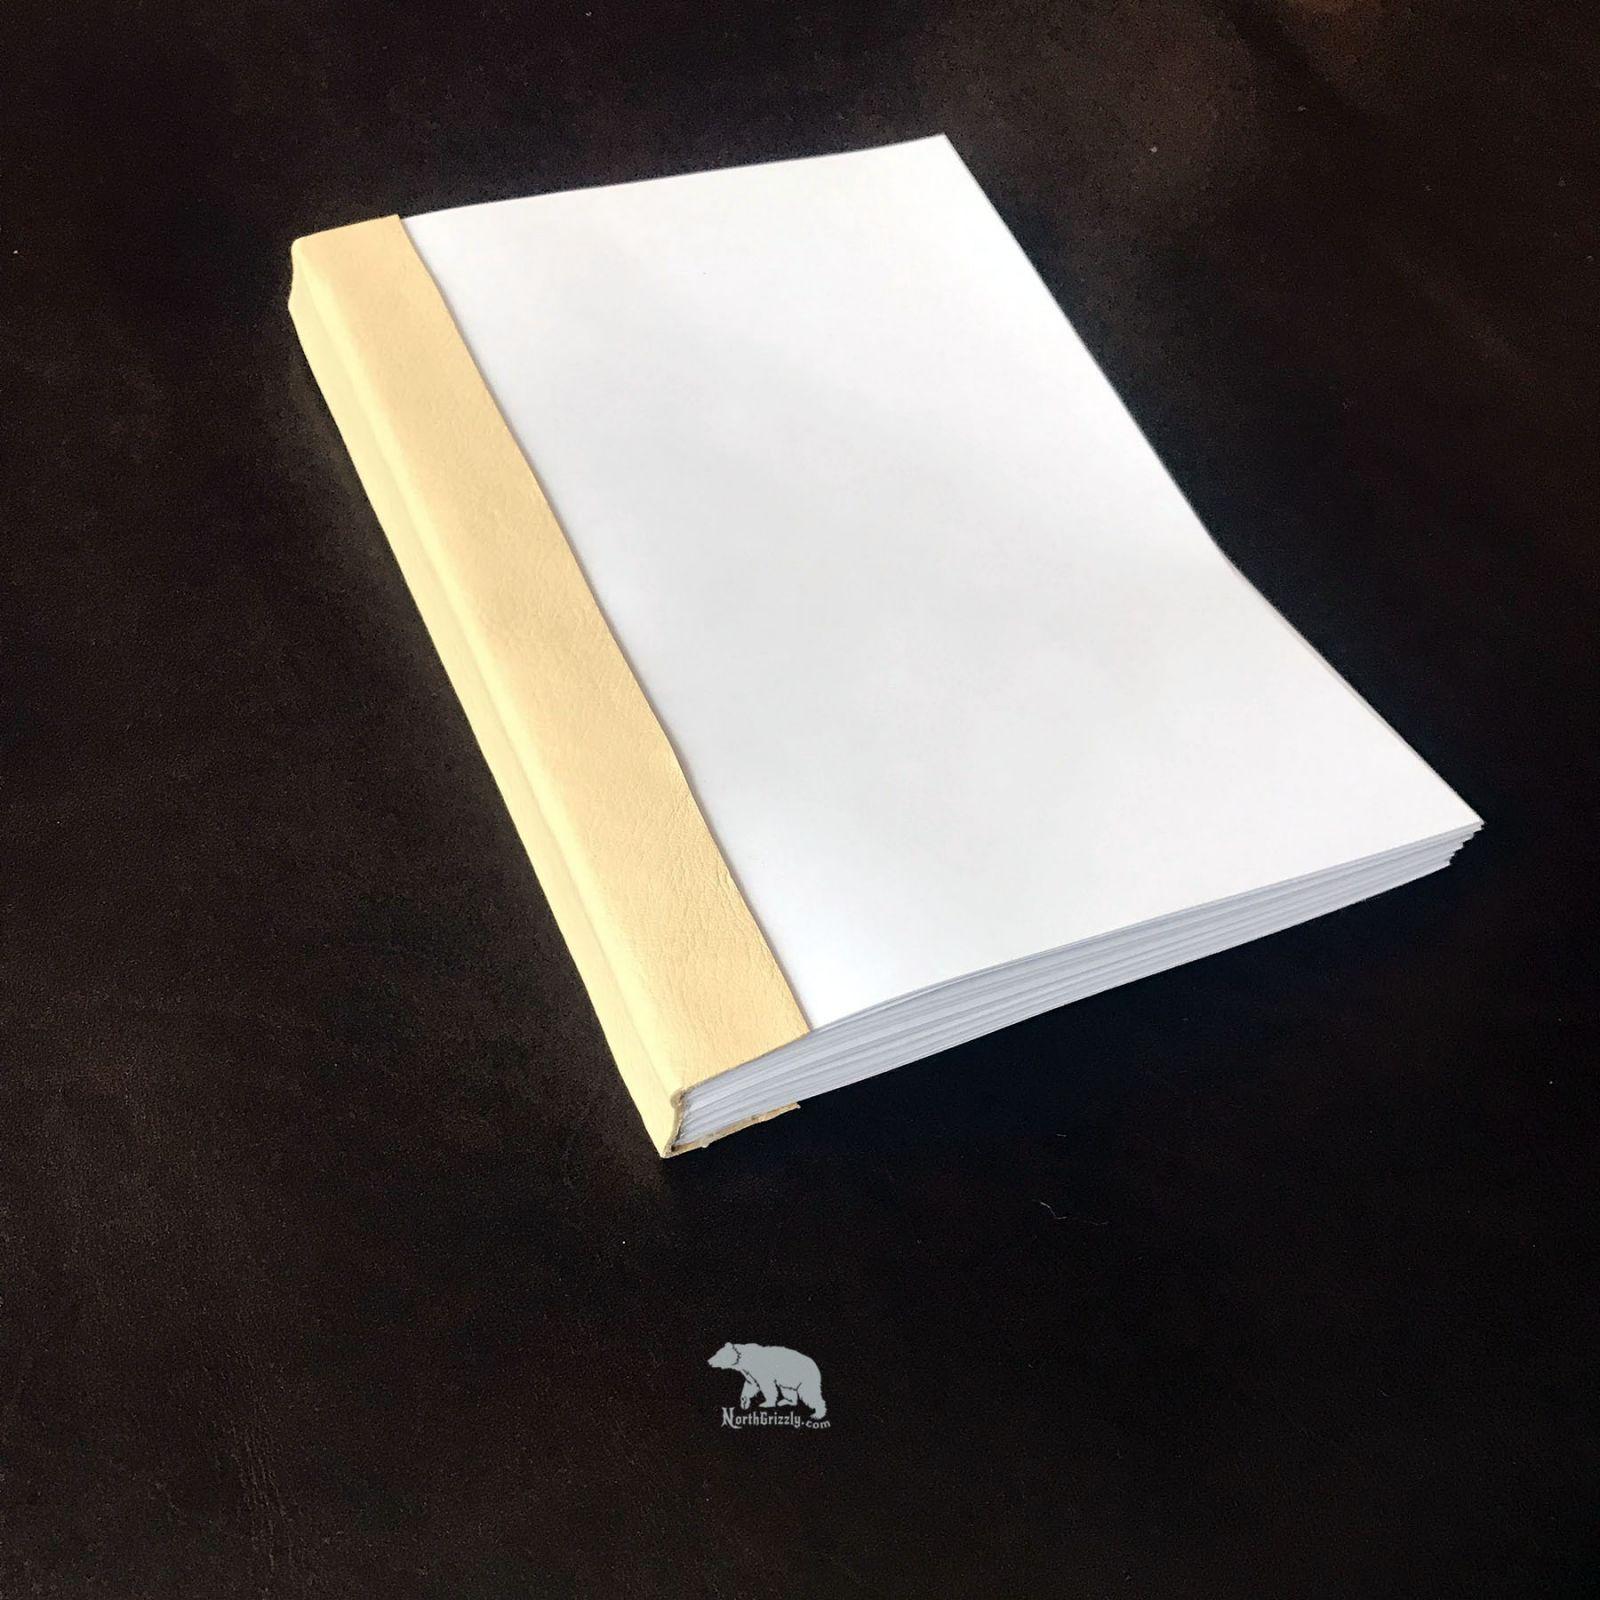 rankomis rista popieriaus knyga uzrasine dienorastis darbo knyga balti lapai ranku darbo dovanos vyrams 2521